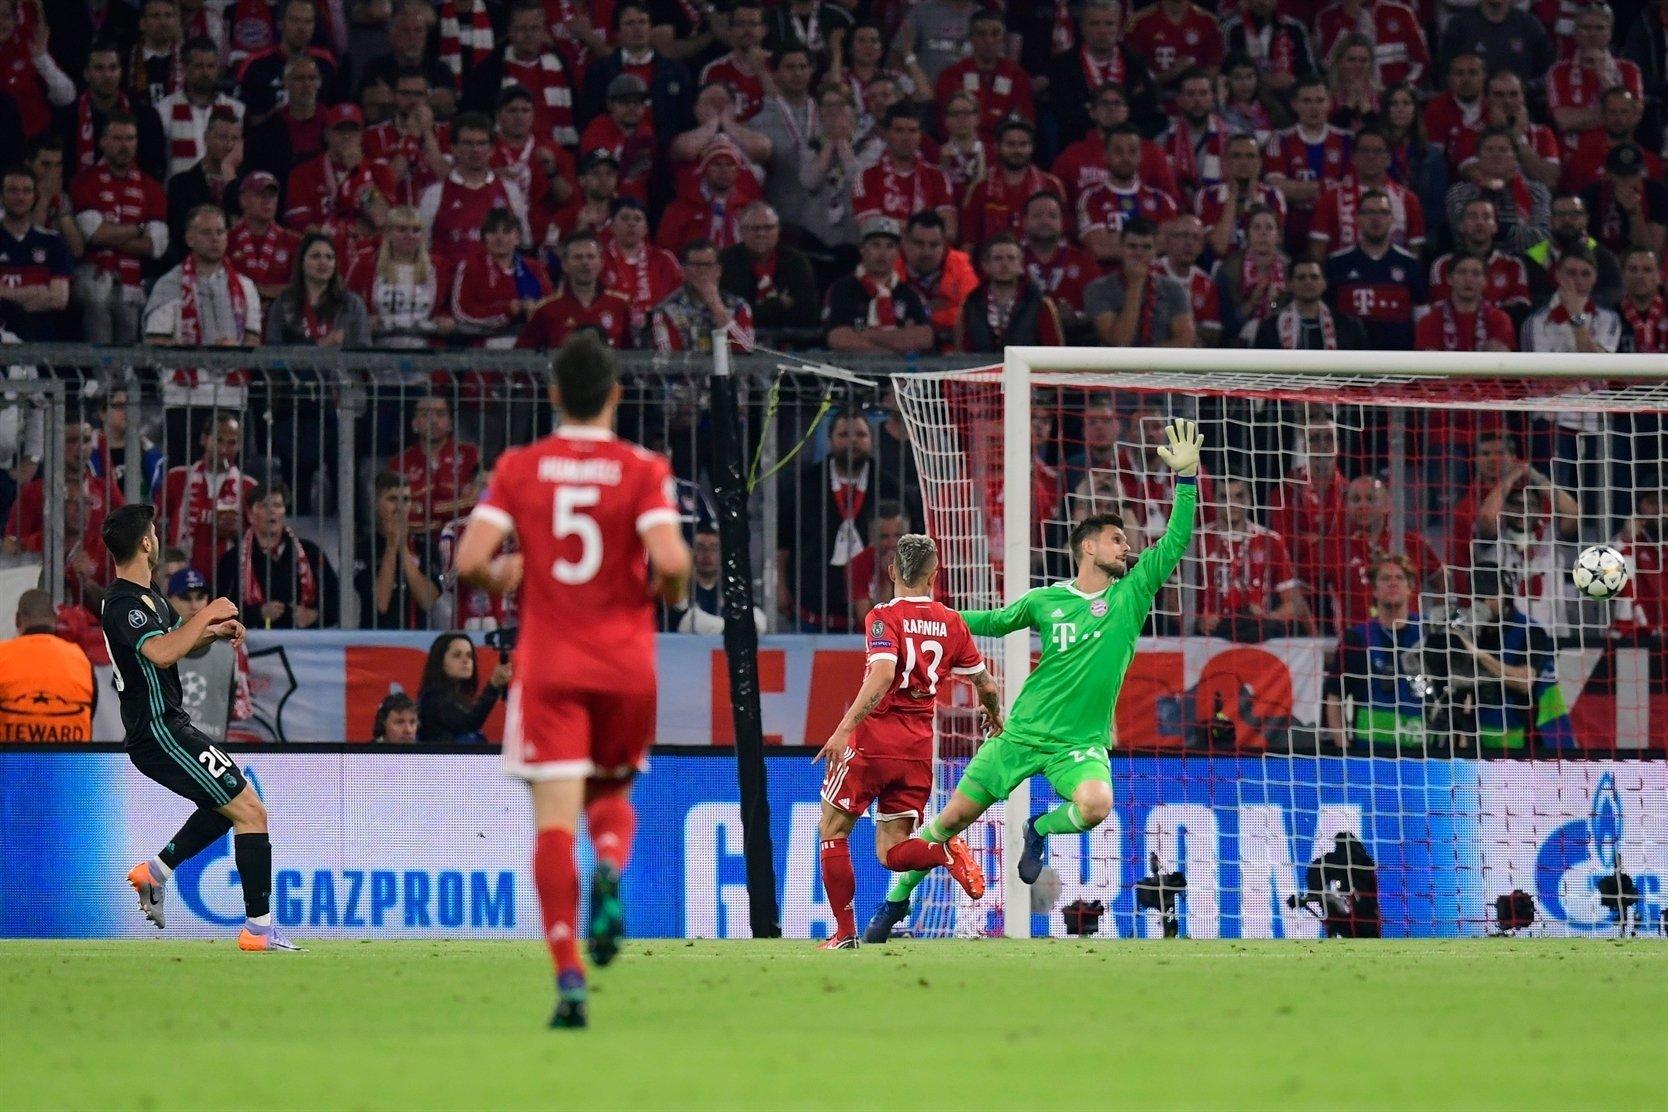 هدف ريال مدريد الثاني في مرمى بايرن ميونيخ